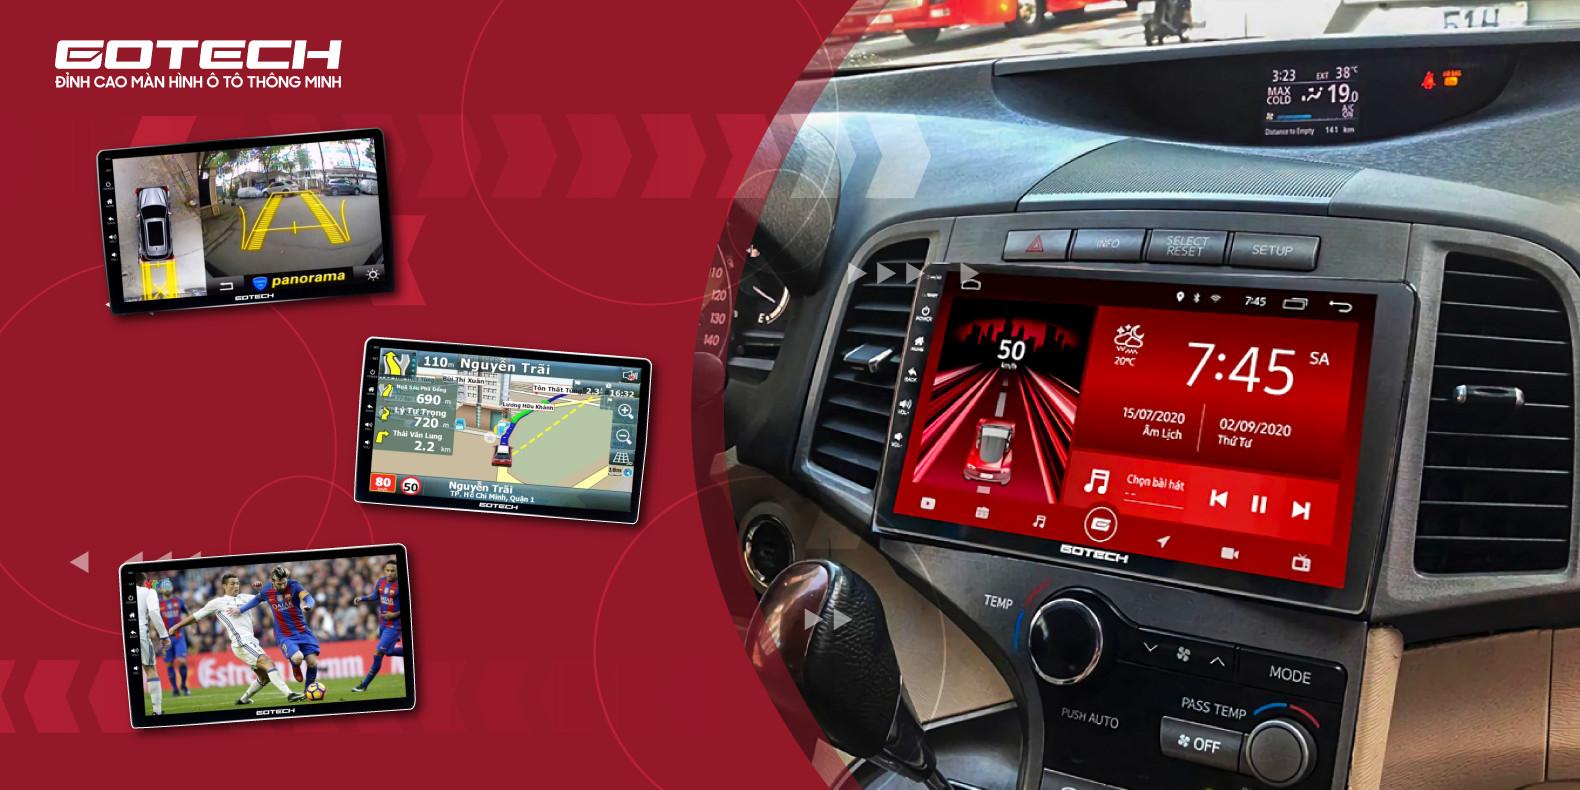 Màn hình ô tô thông minh tích hợp camera 360 độ GOTECH.